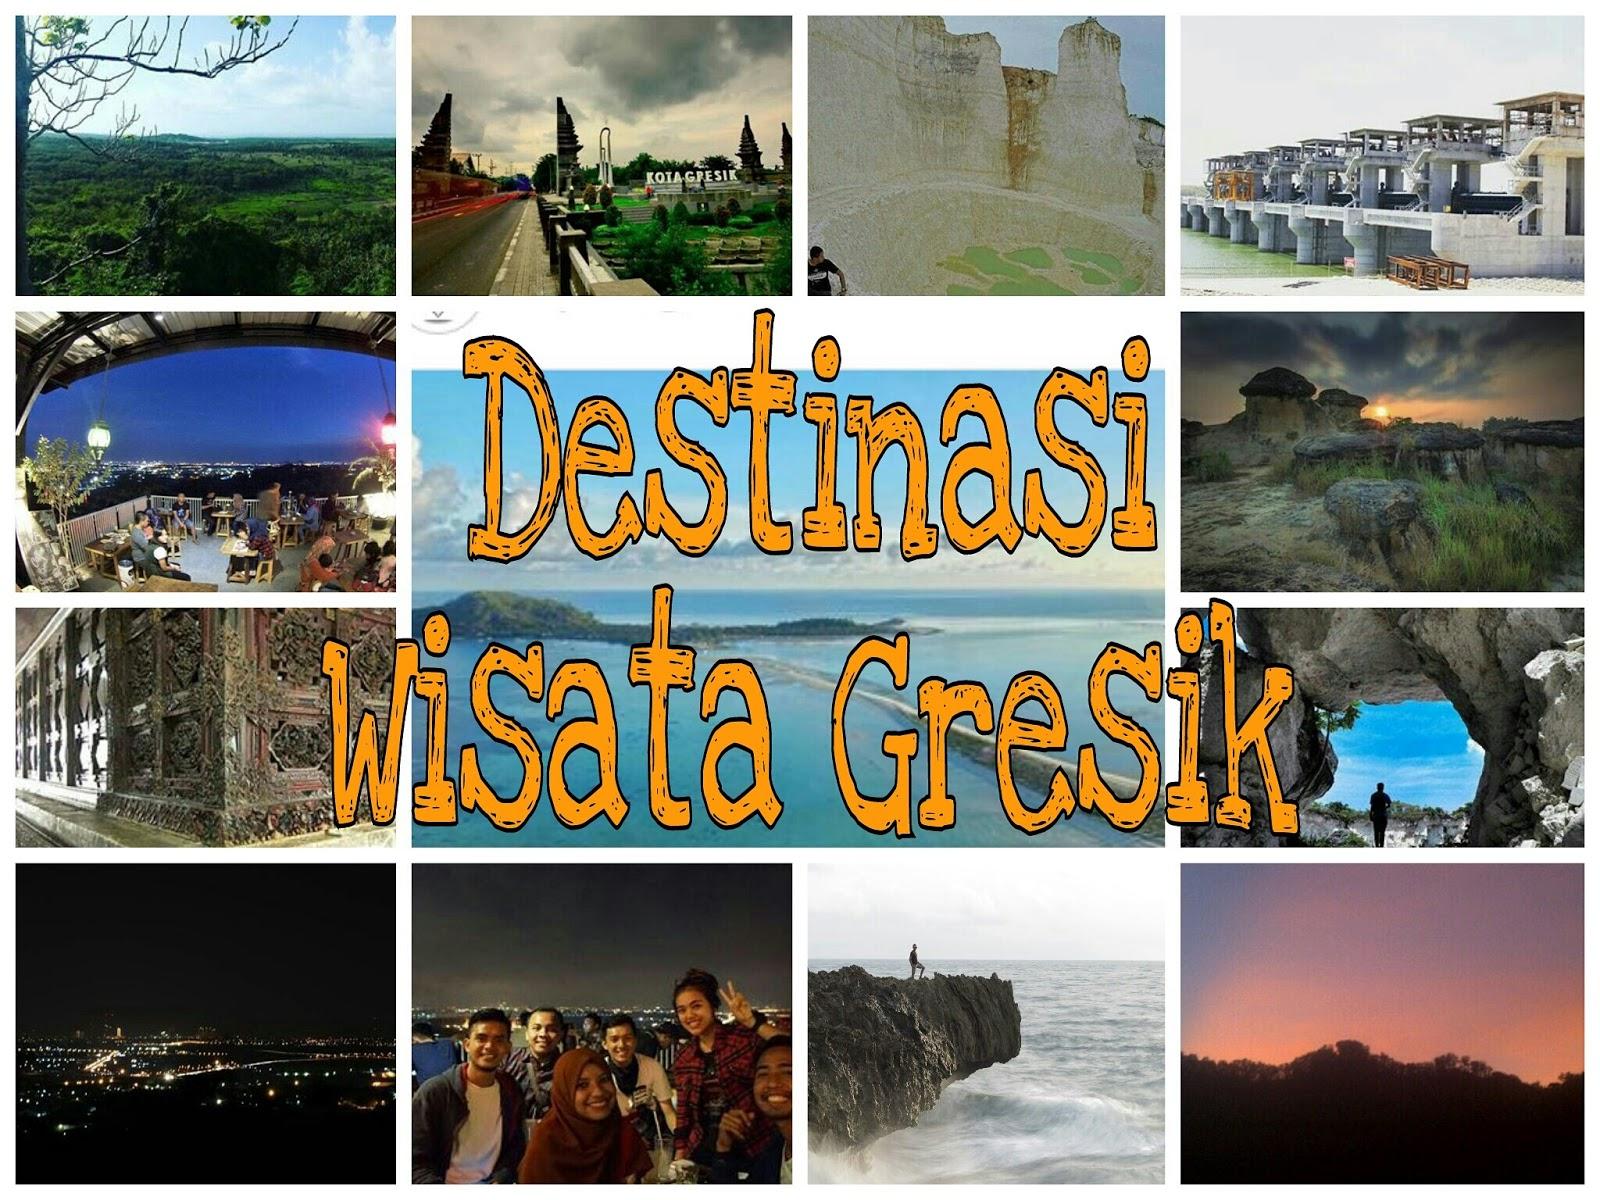 Inilah 21 Tempat Wisata Gresik Terlengkap Terbaik Wajib Kunjungi 2017